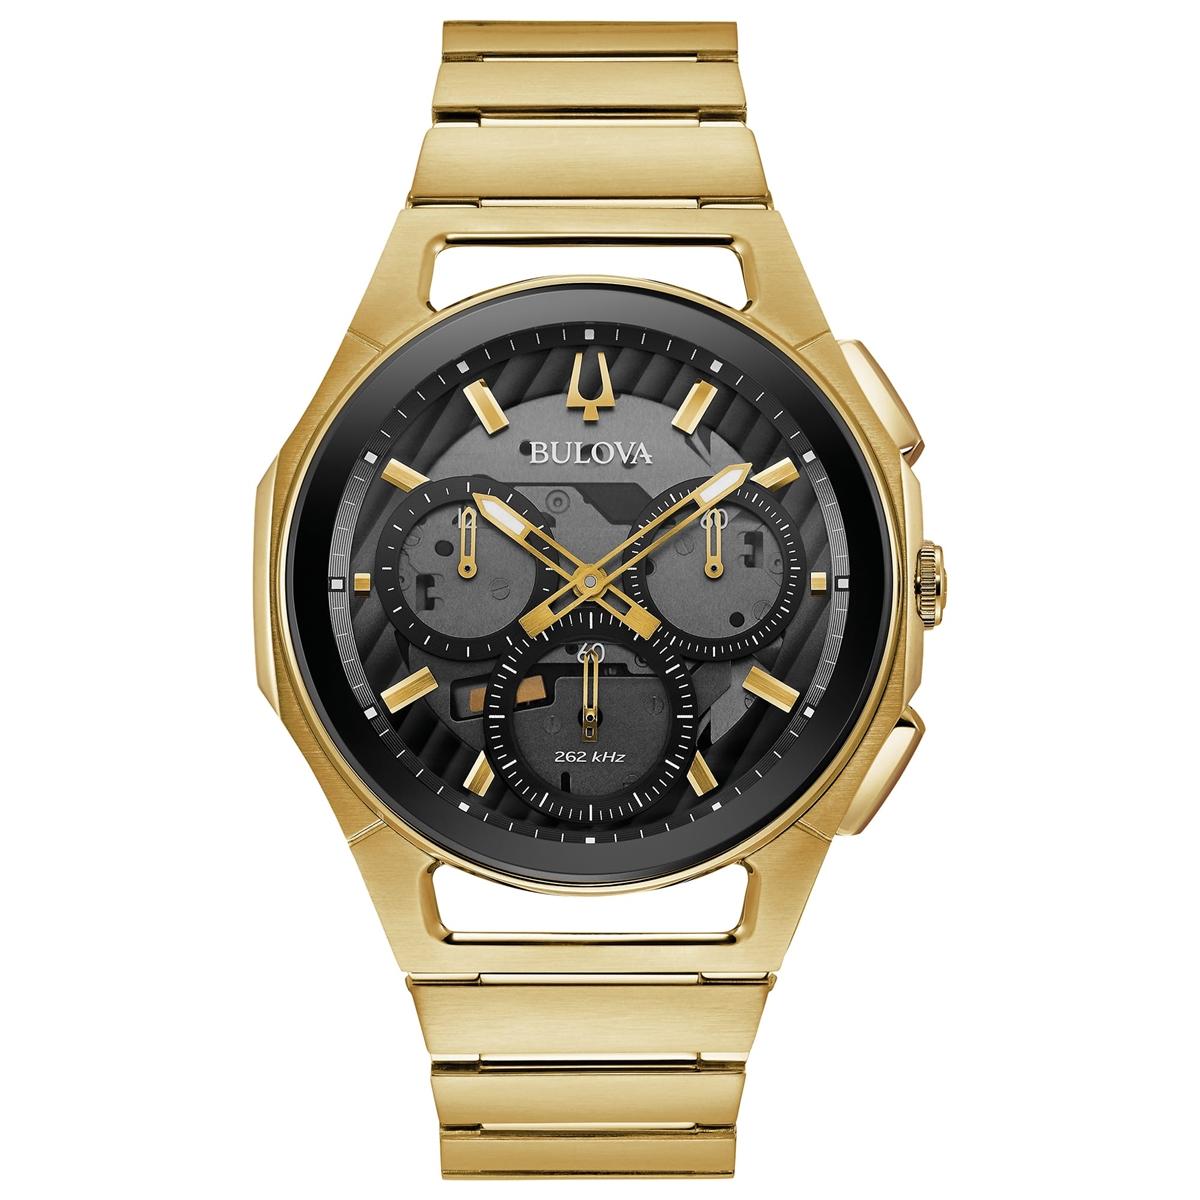 【5/10までオリジナルトラベルクロックをプレゼント】 ブローバ BULOVA 97A144 カーブ プログレッシブ スポーツ クロノグラフ 正規品 腕時計